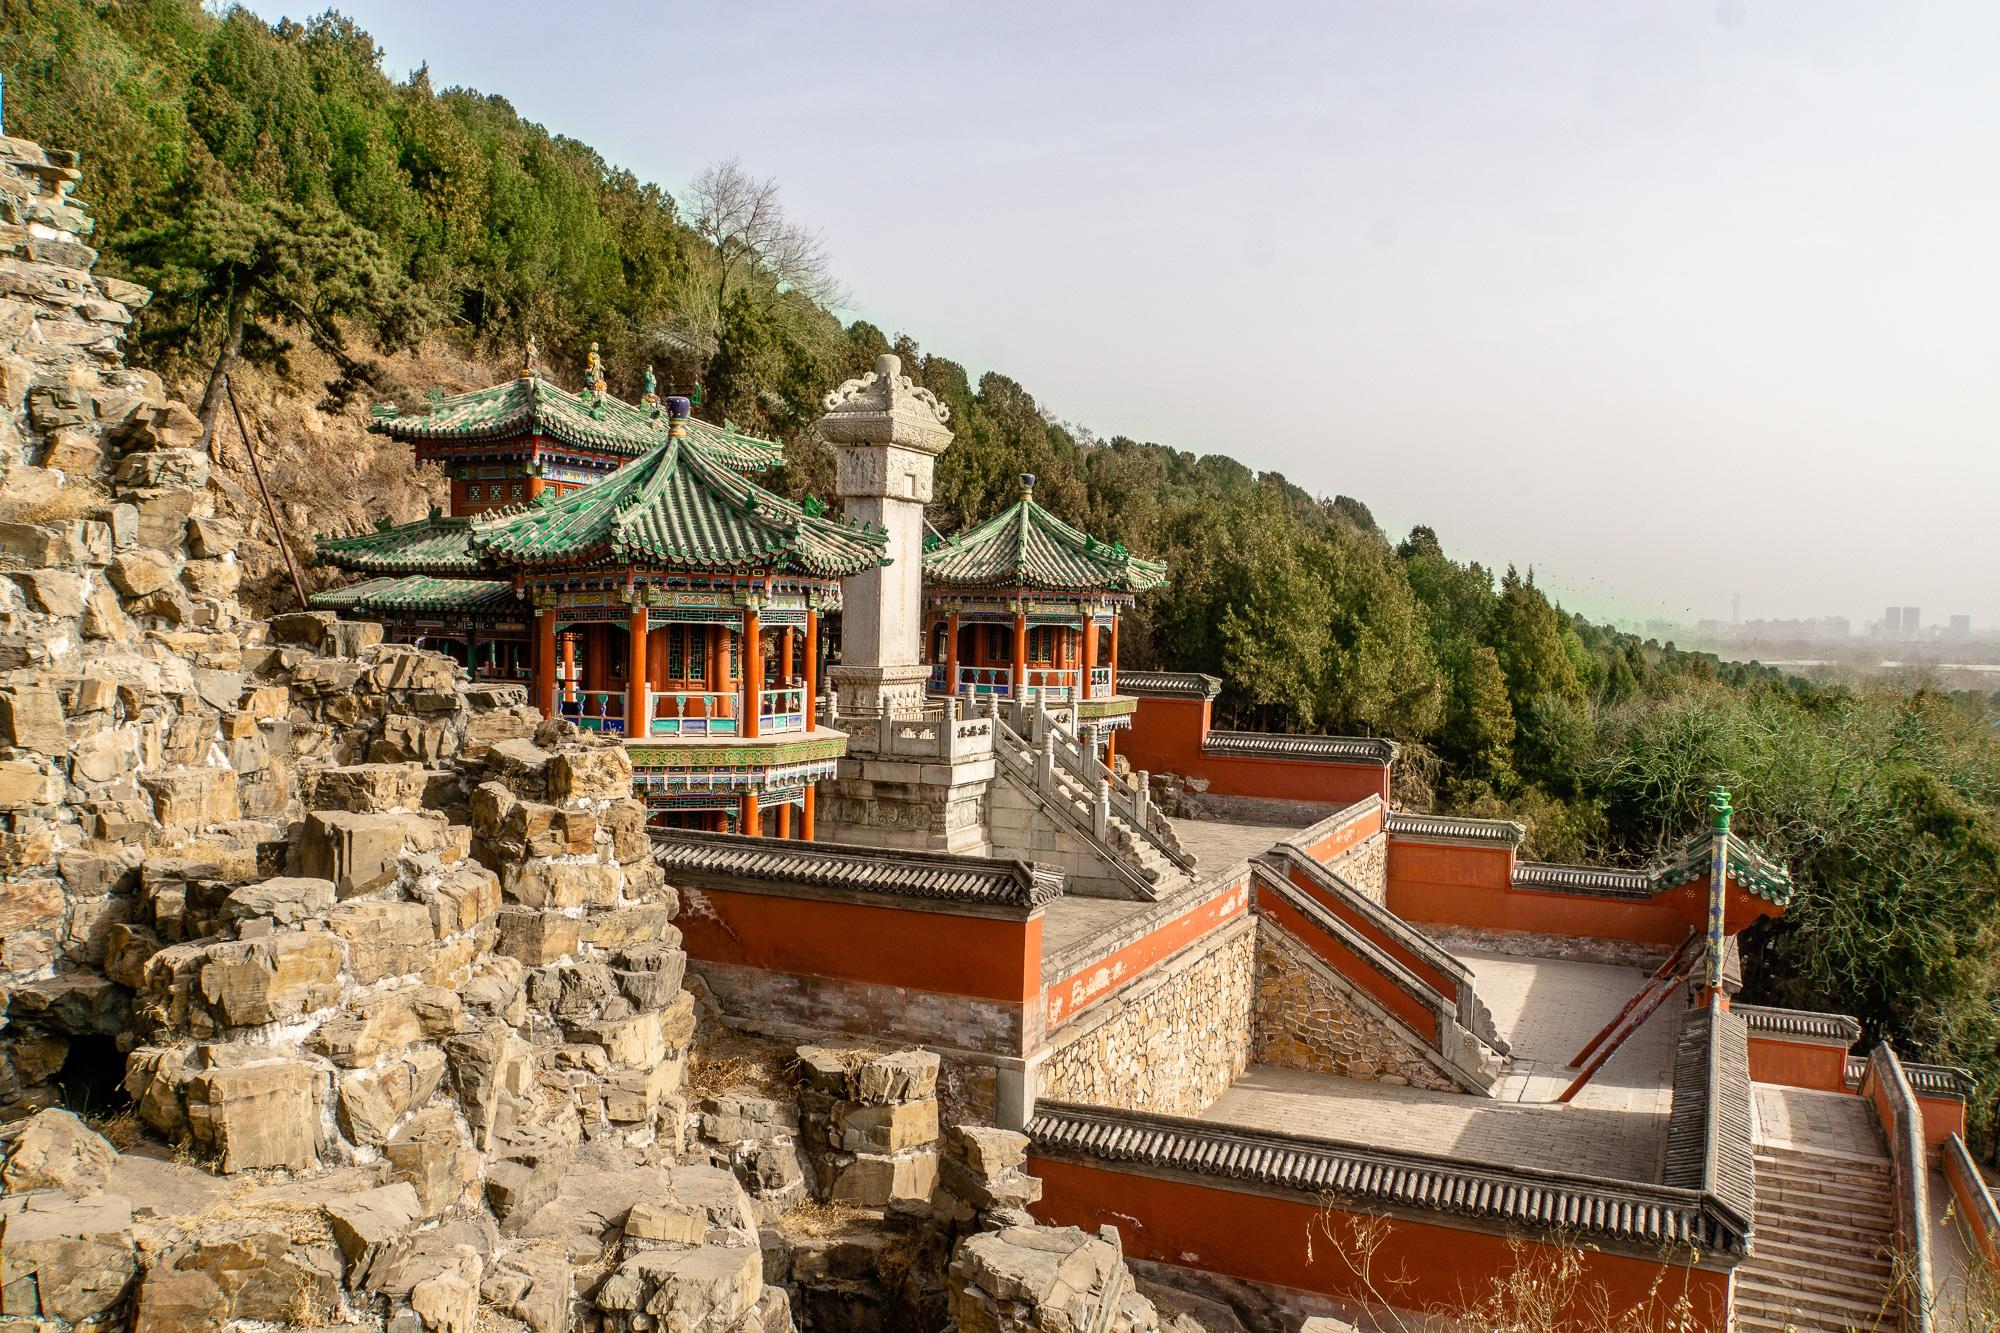 Sommerpalast in Peking: Die schönsten Sehenswürdigkeiten & Highlights